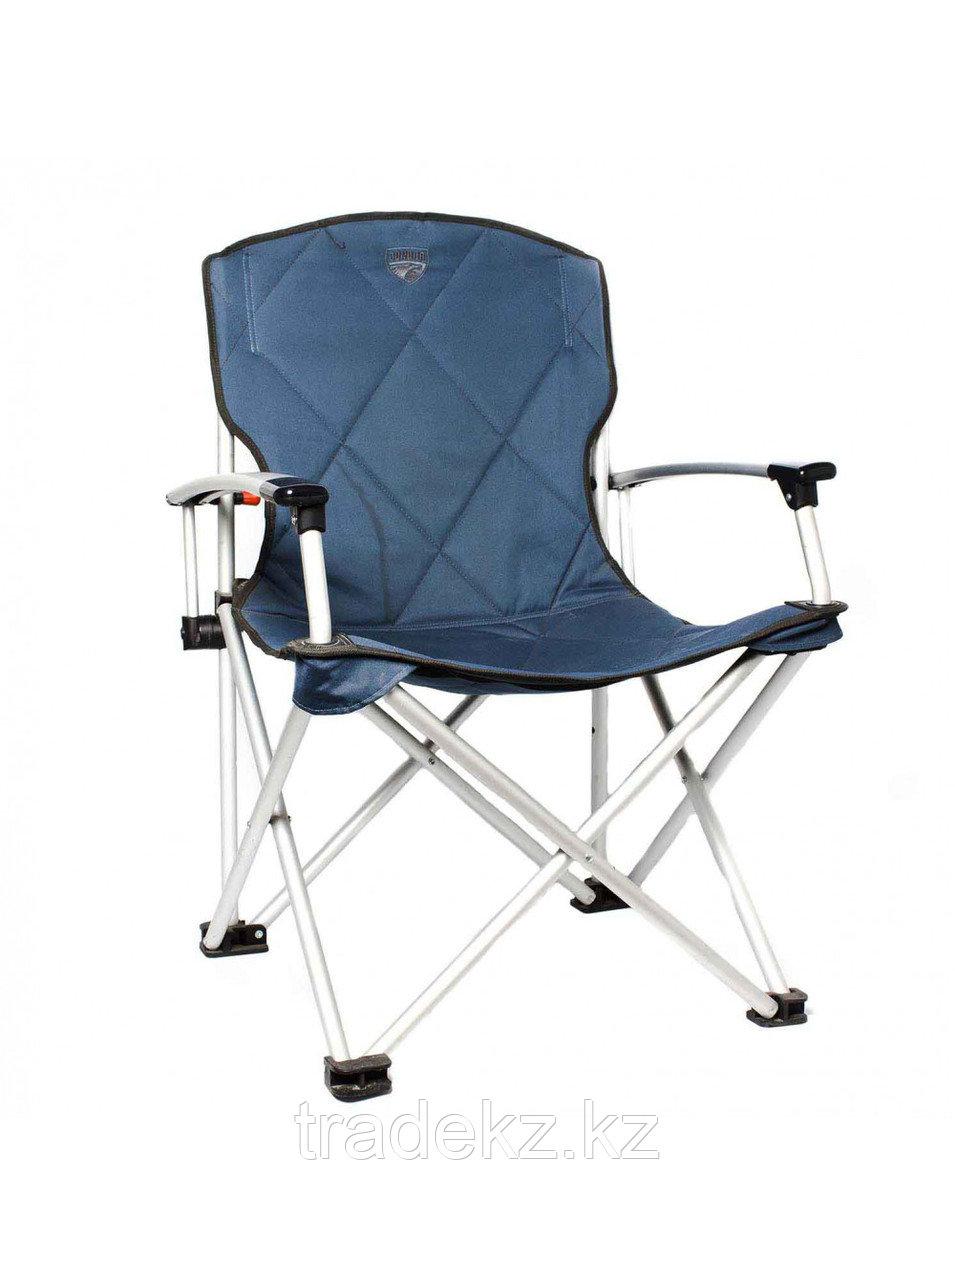 Стул-кресло складной кемпинговый Condor FC820-21310